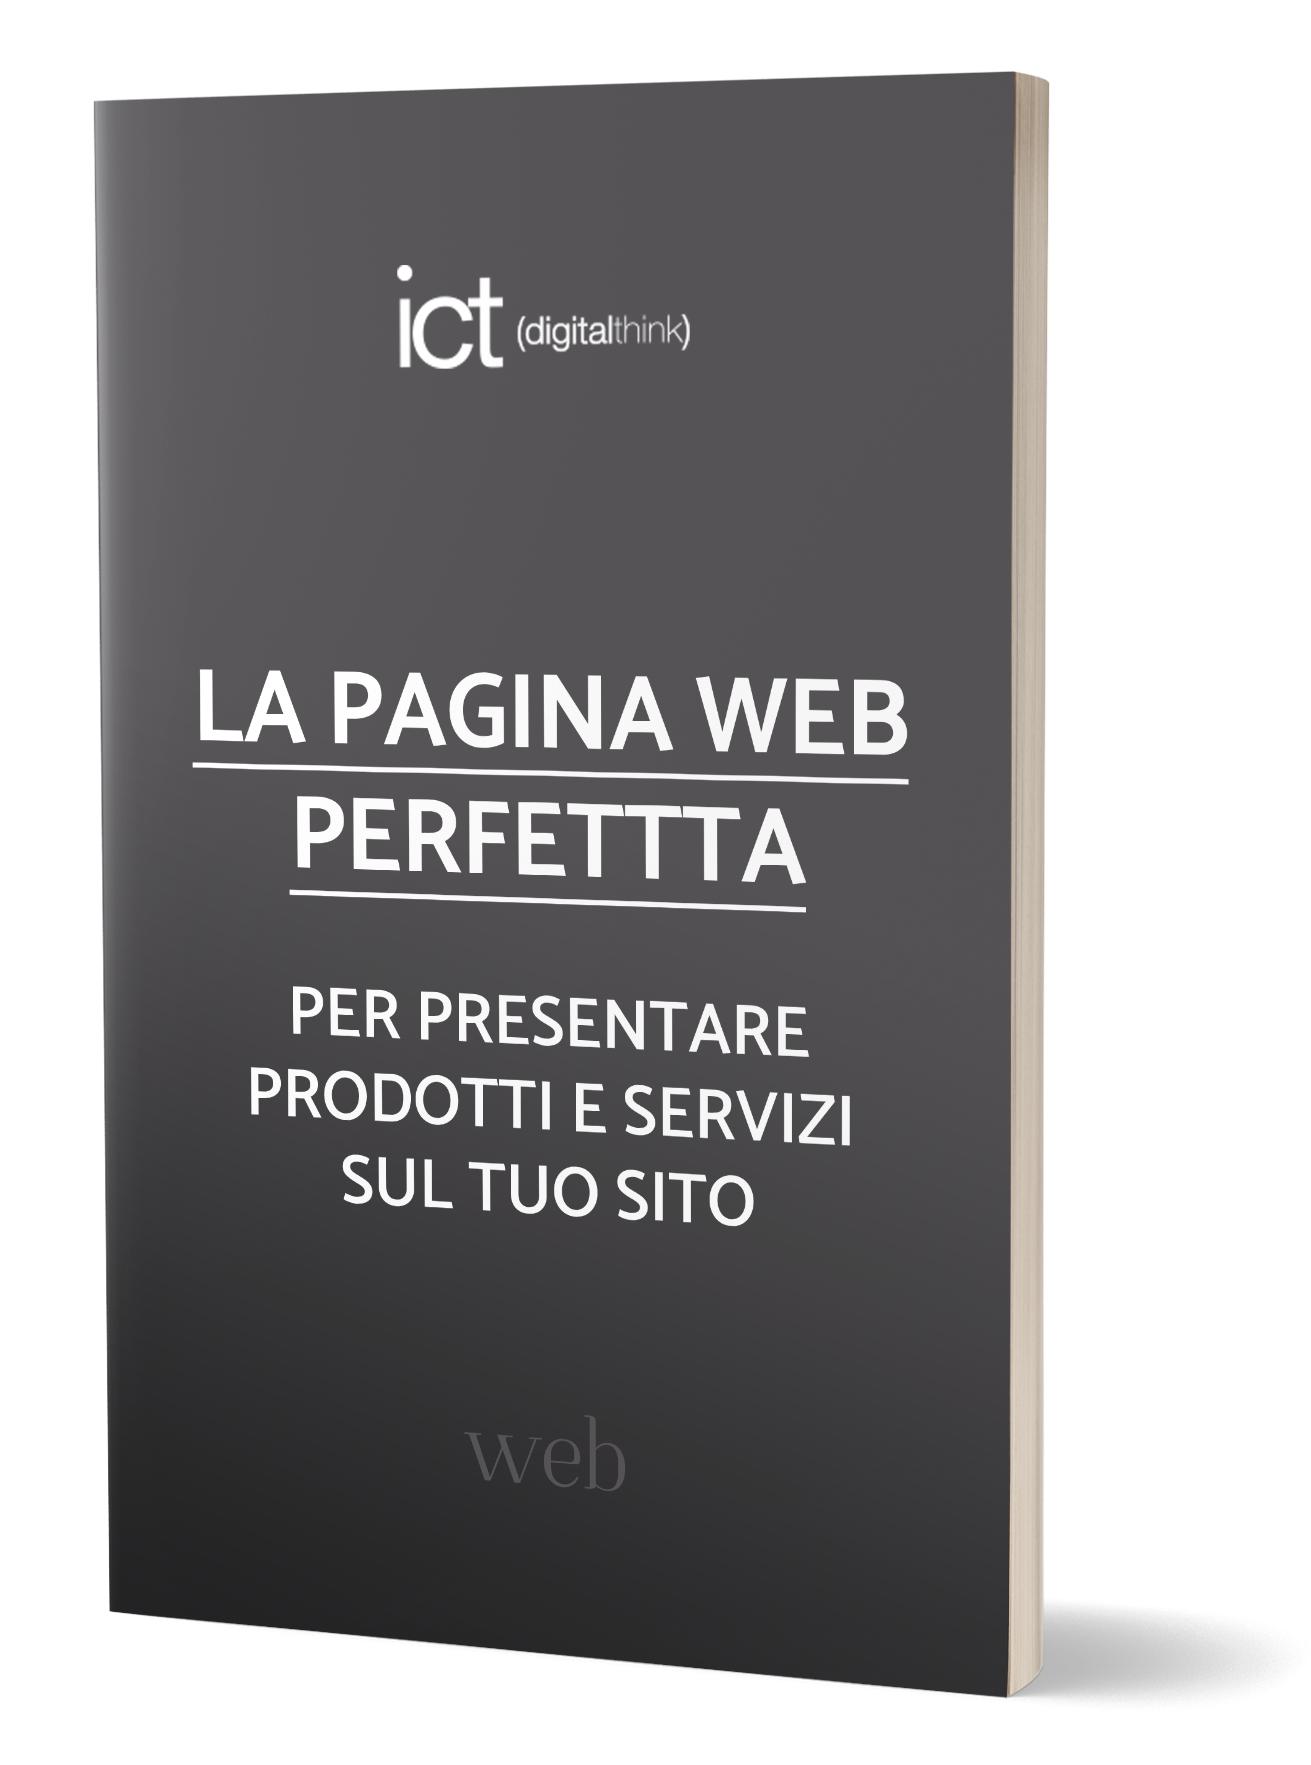 pagina-web-perfetta-per-presentare-prodotti-infografica